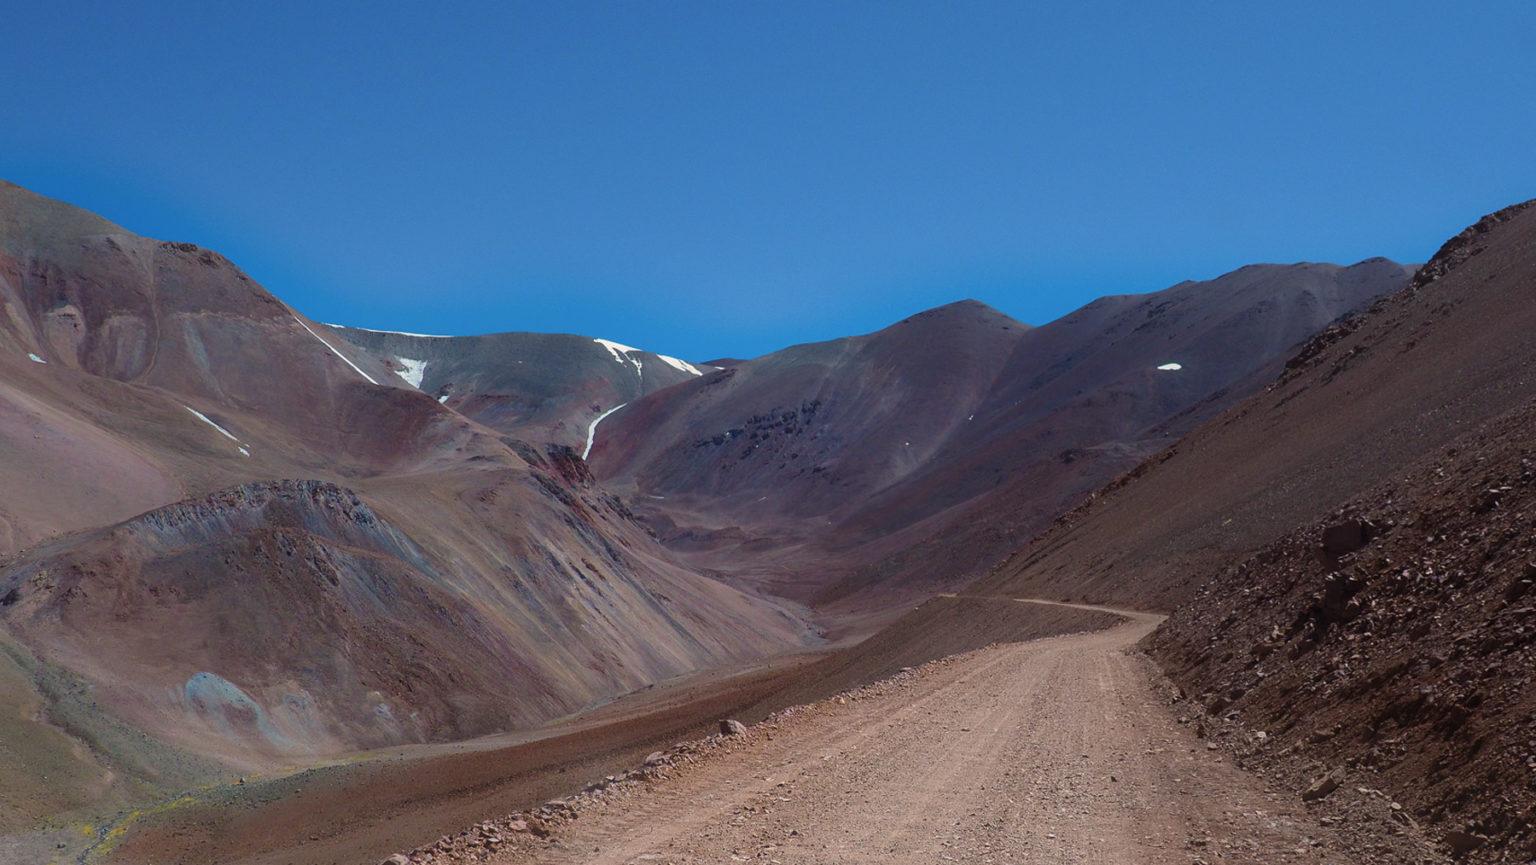 Endlos zieht sich die Schotterstraße bis auf 4700 m Höhe